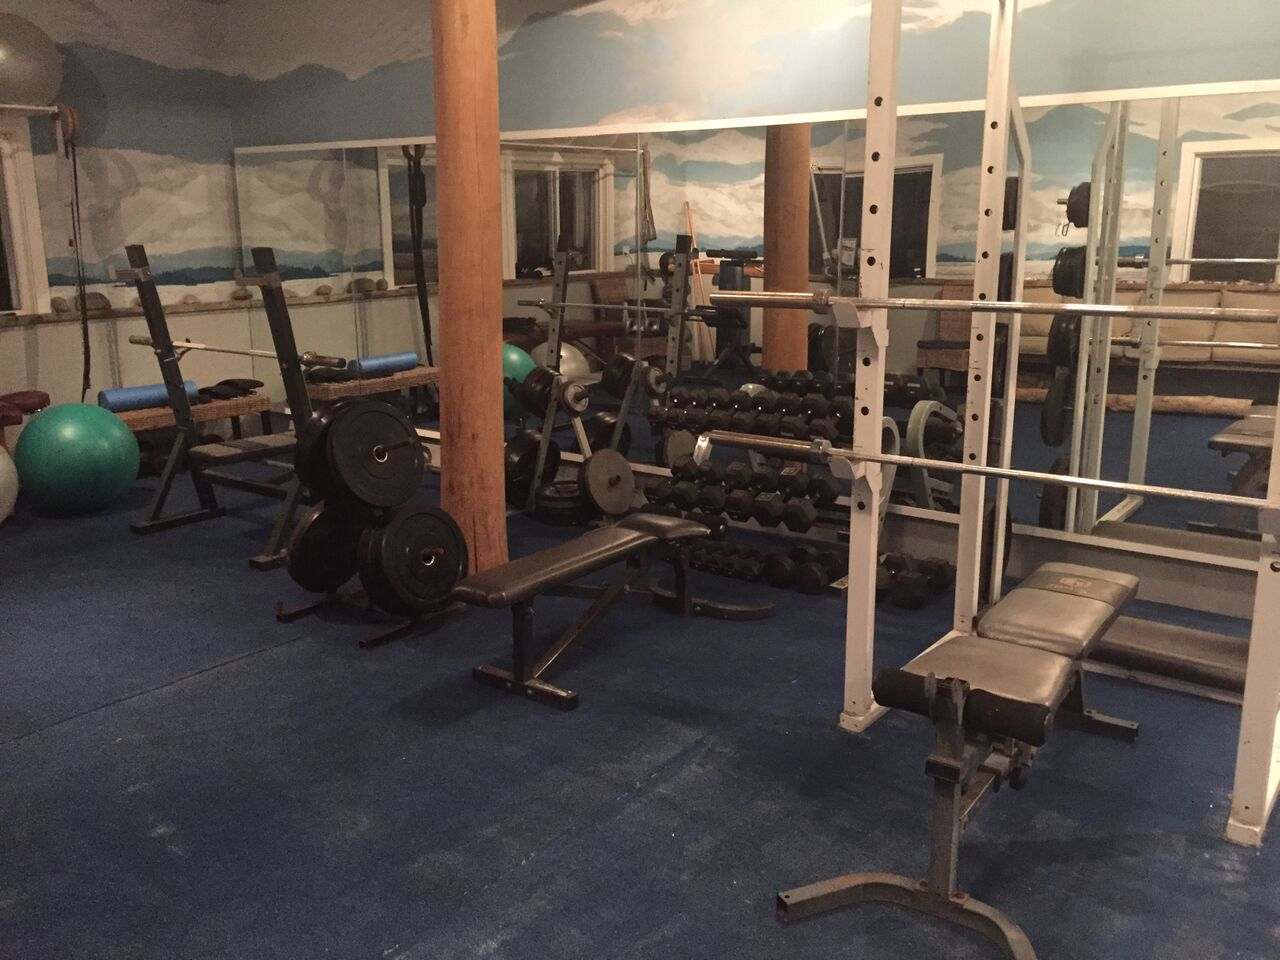 rockland, maine gym